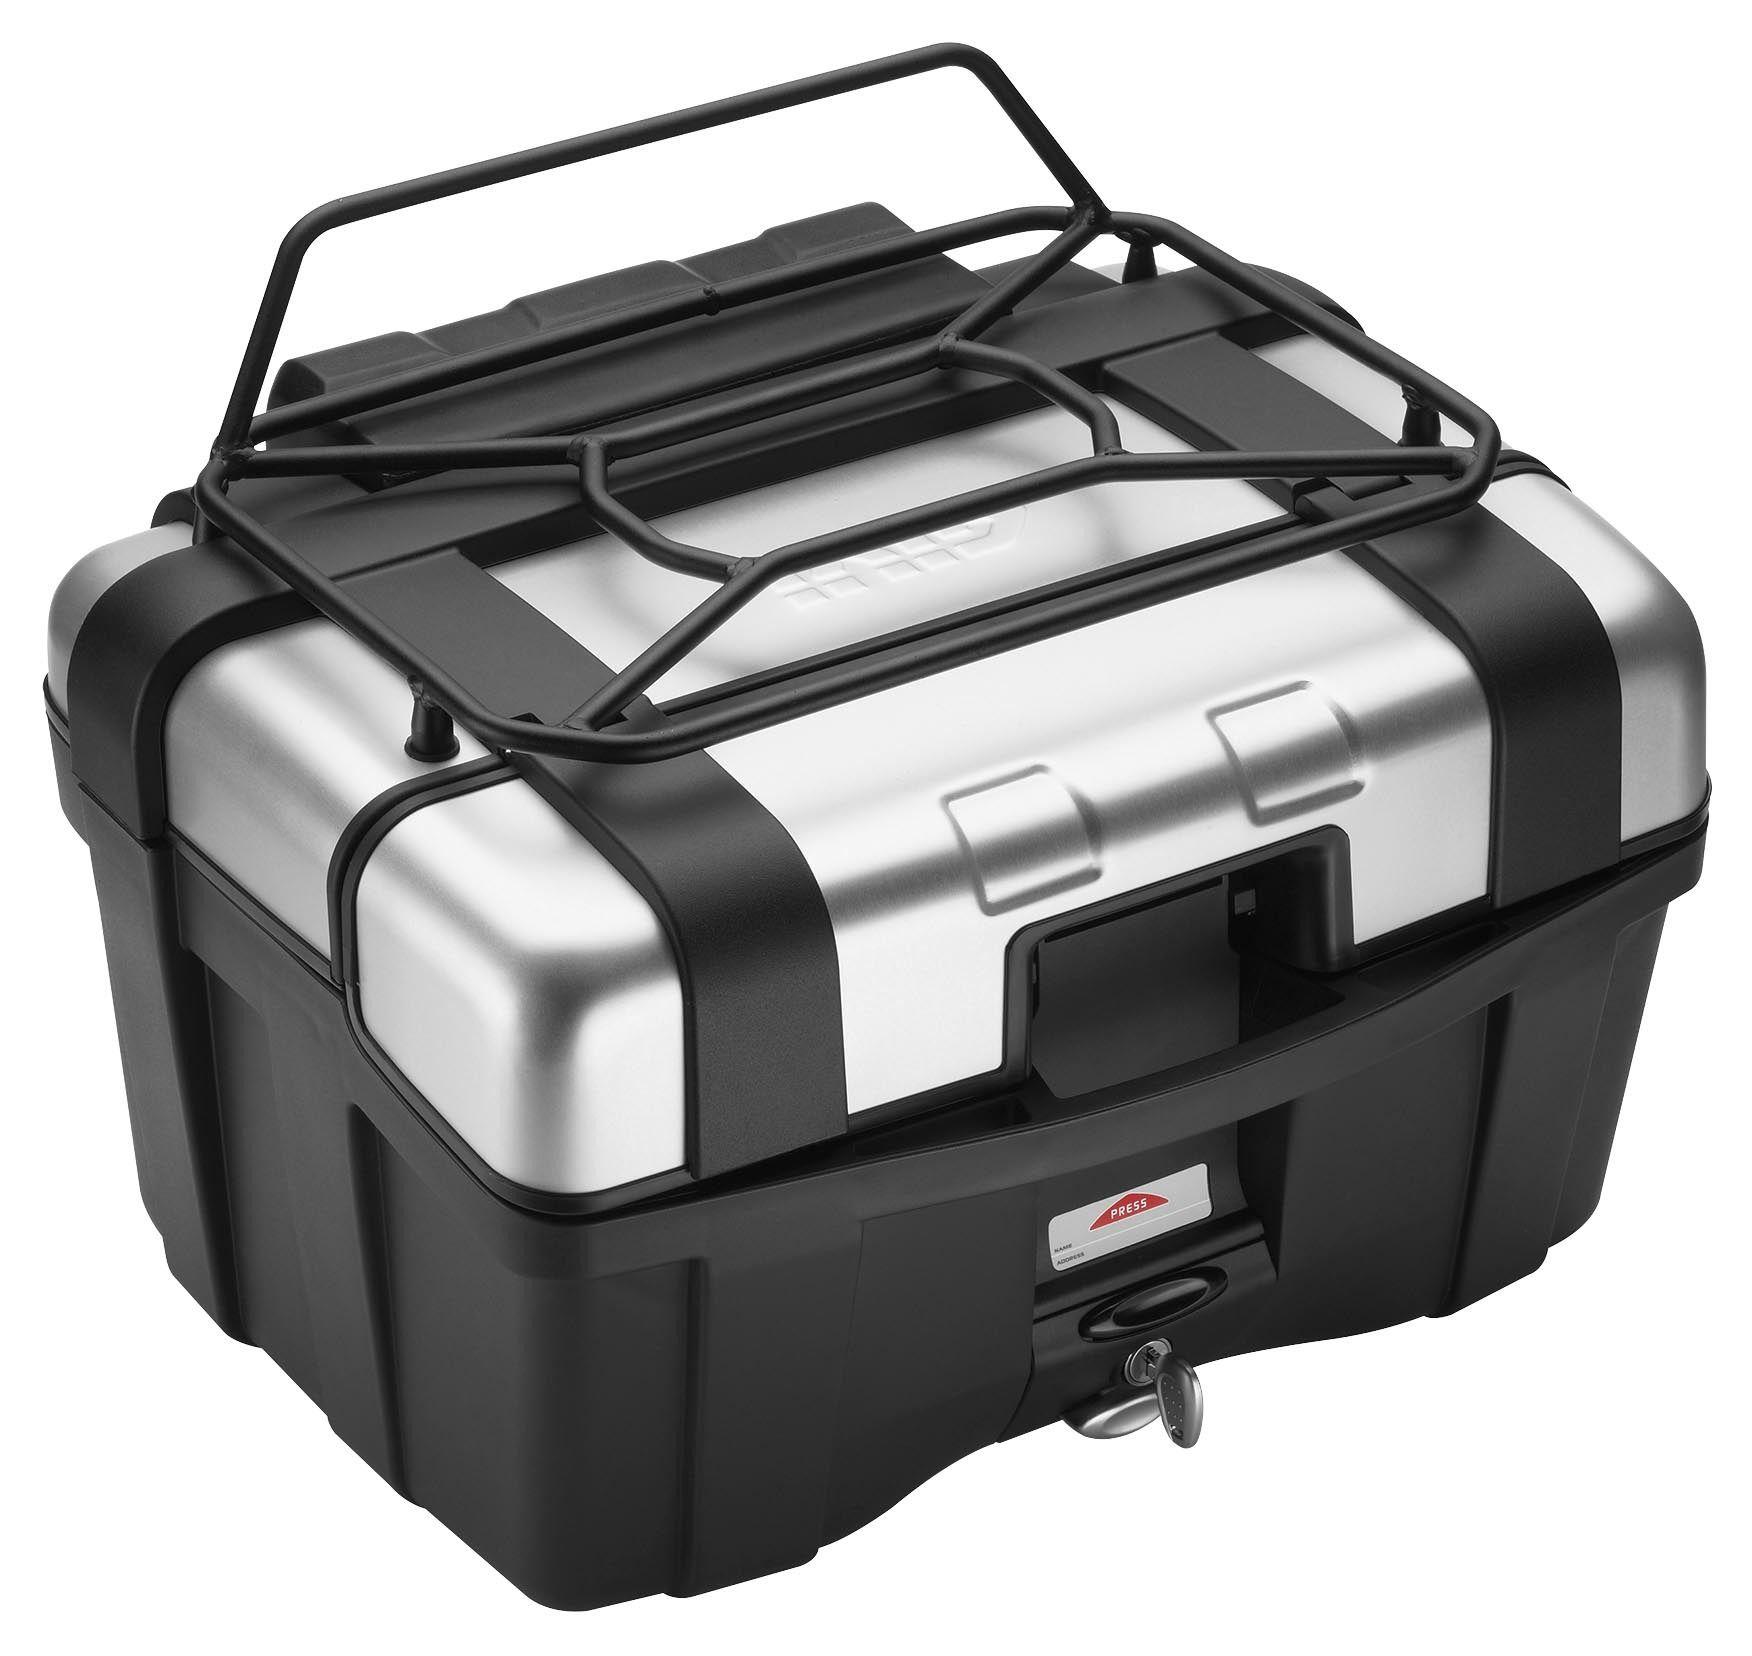 Givi E120 Top Luggage Rack For Trekker 33L / 46L Top Cases - RevZilla